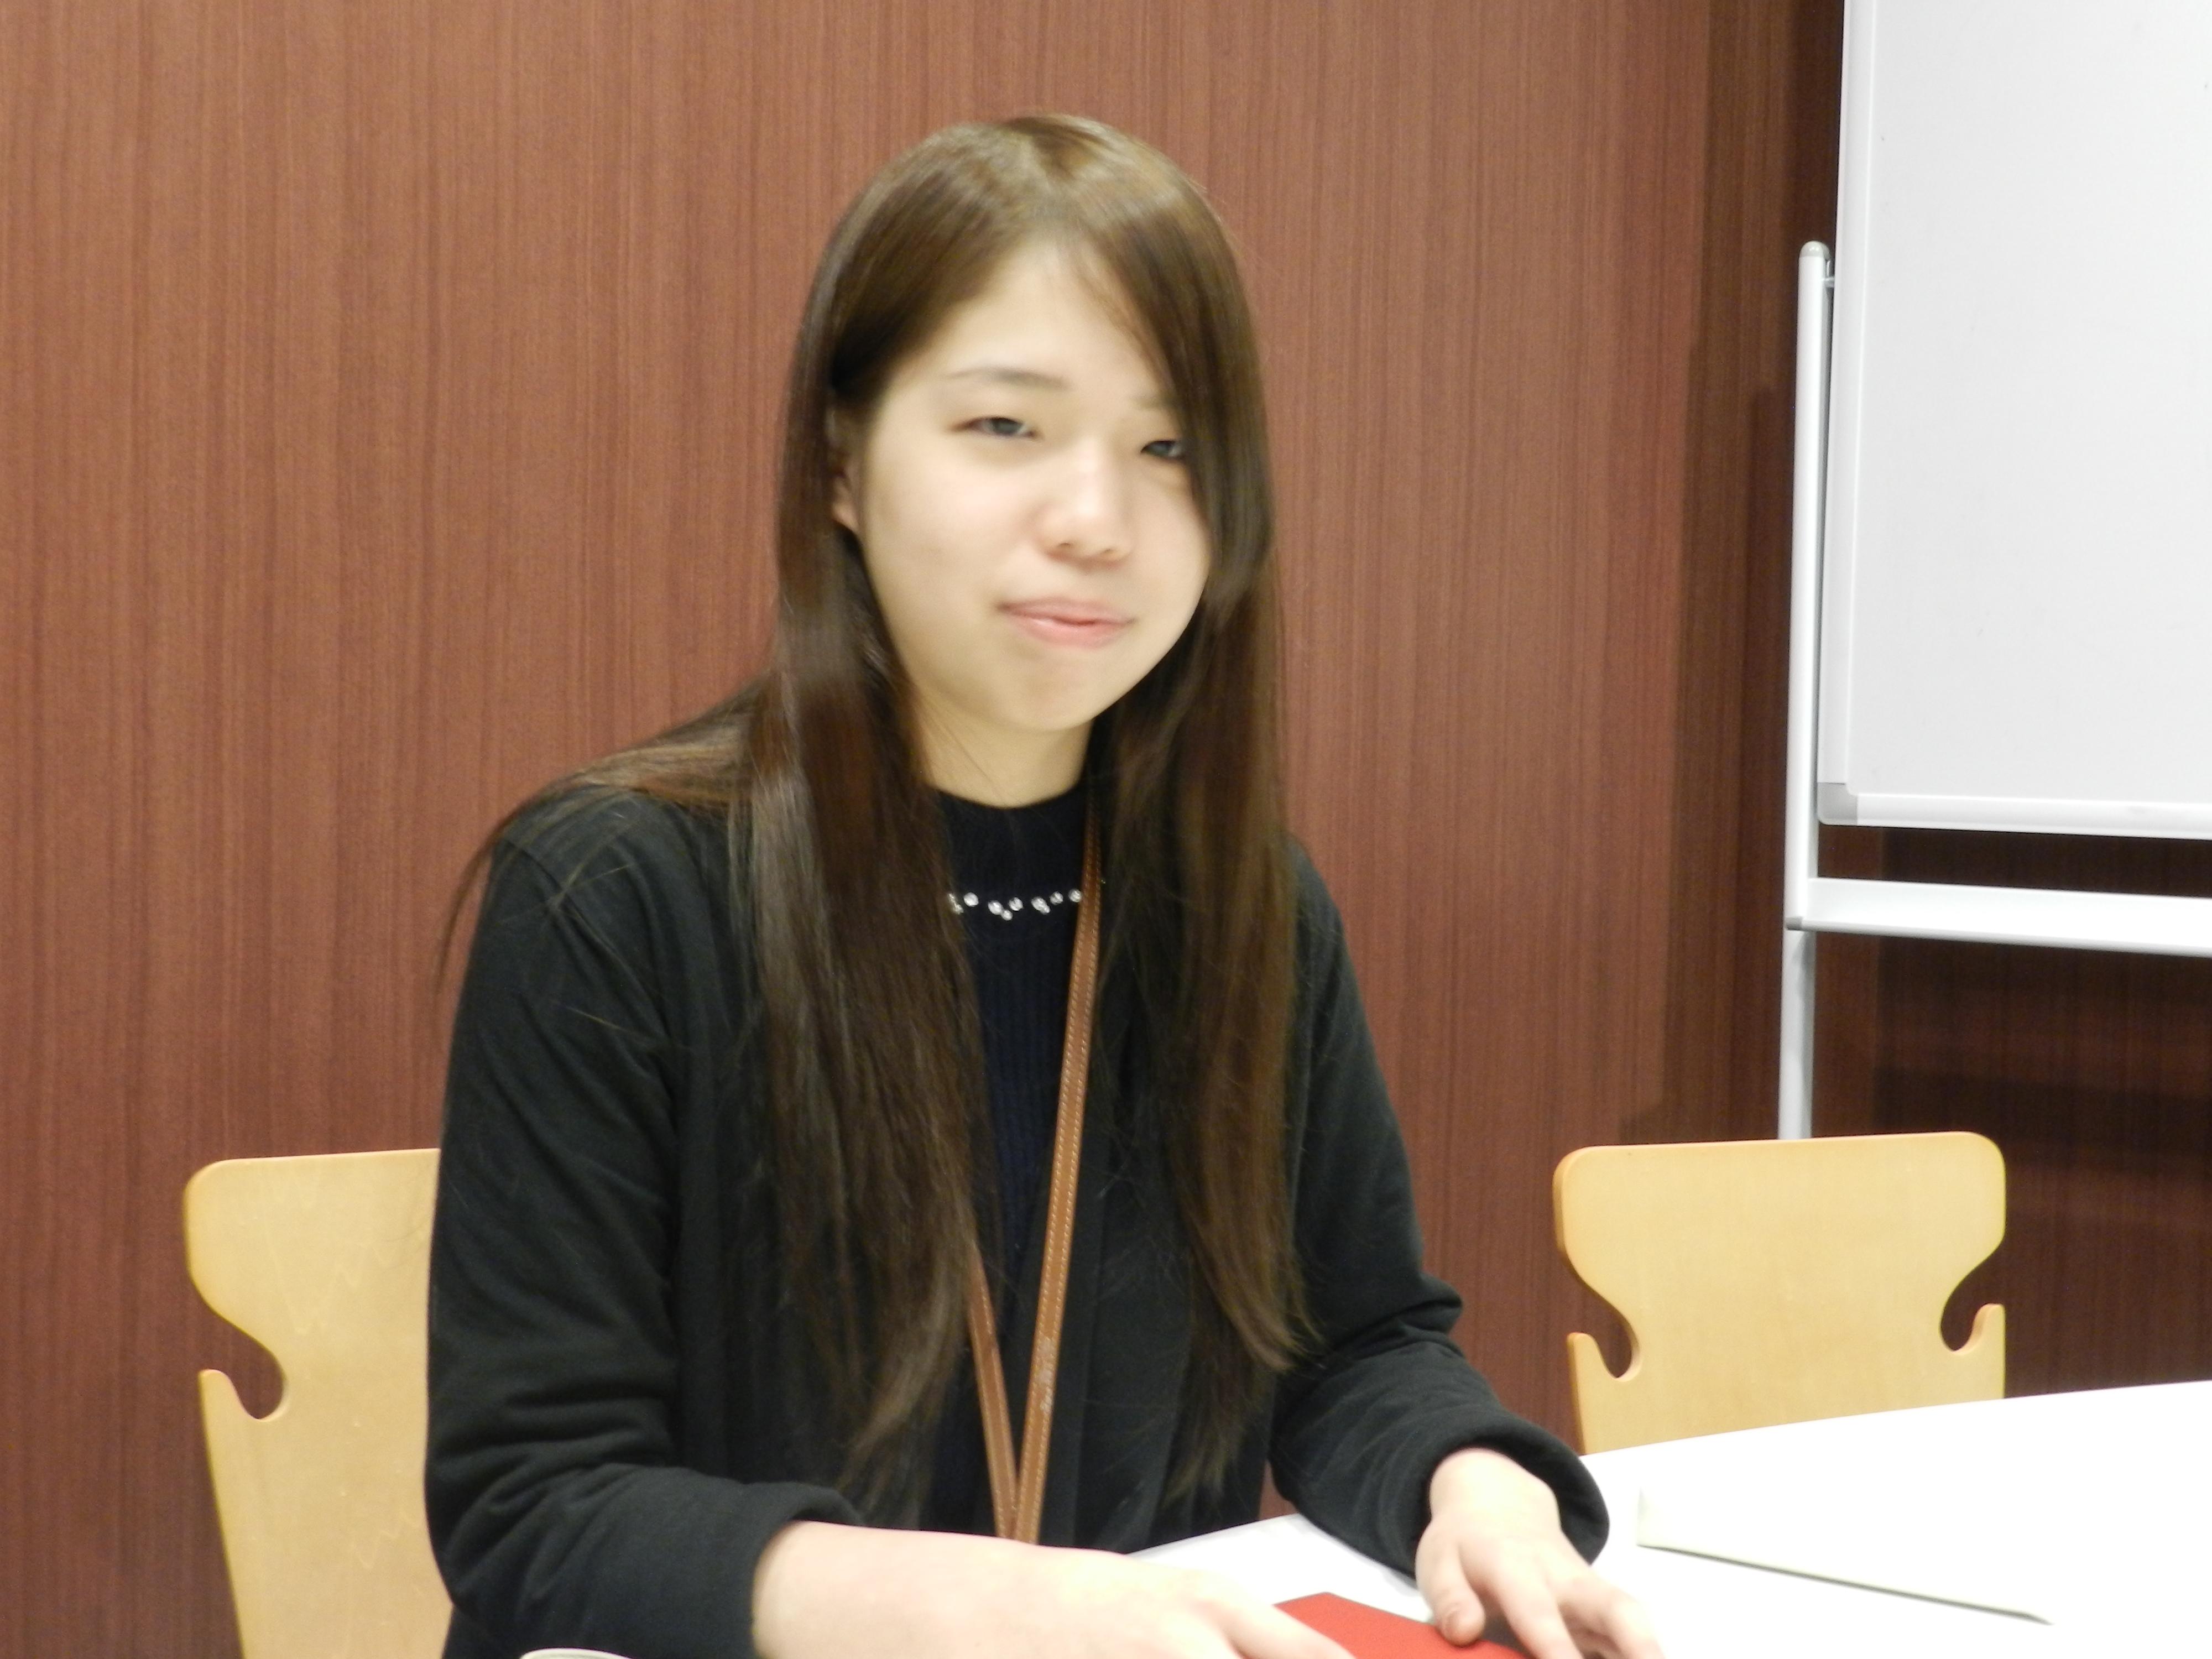 勉強カフェうめだ|梅田で勉強、仕事ができる勉強カフェを徹底取材[突撃取材][第34回]